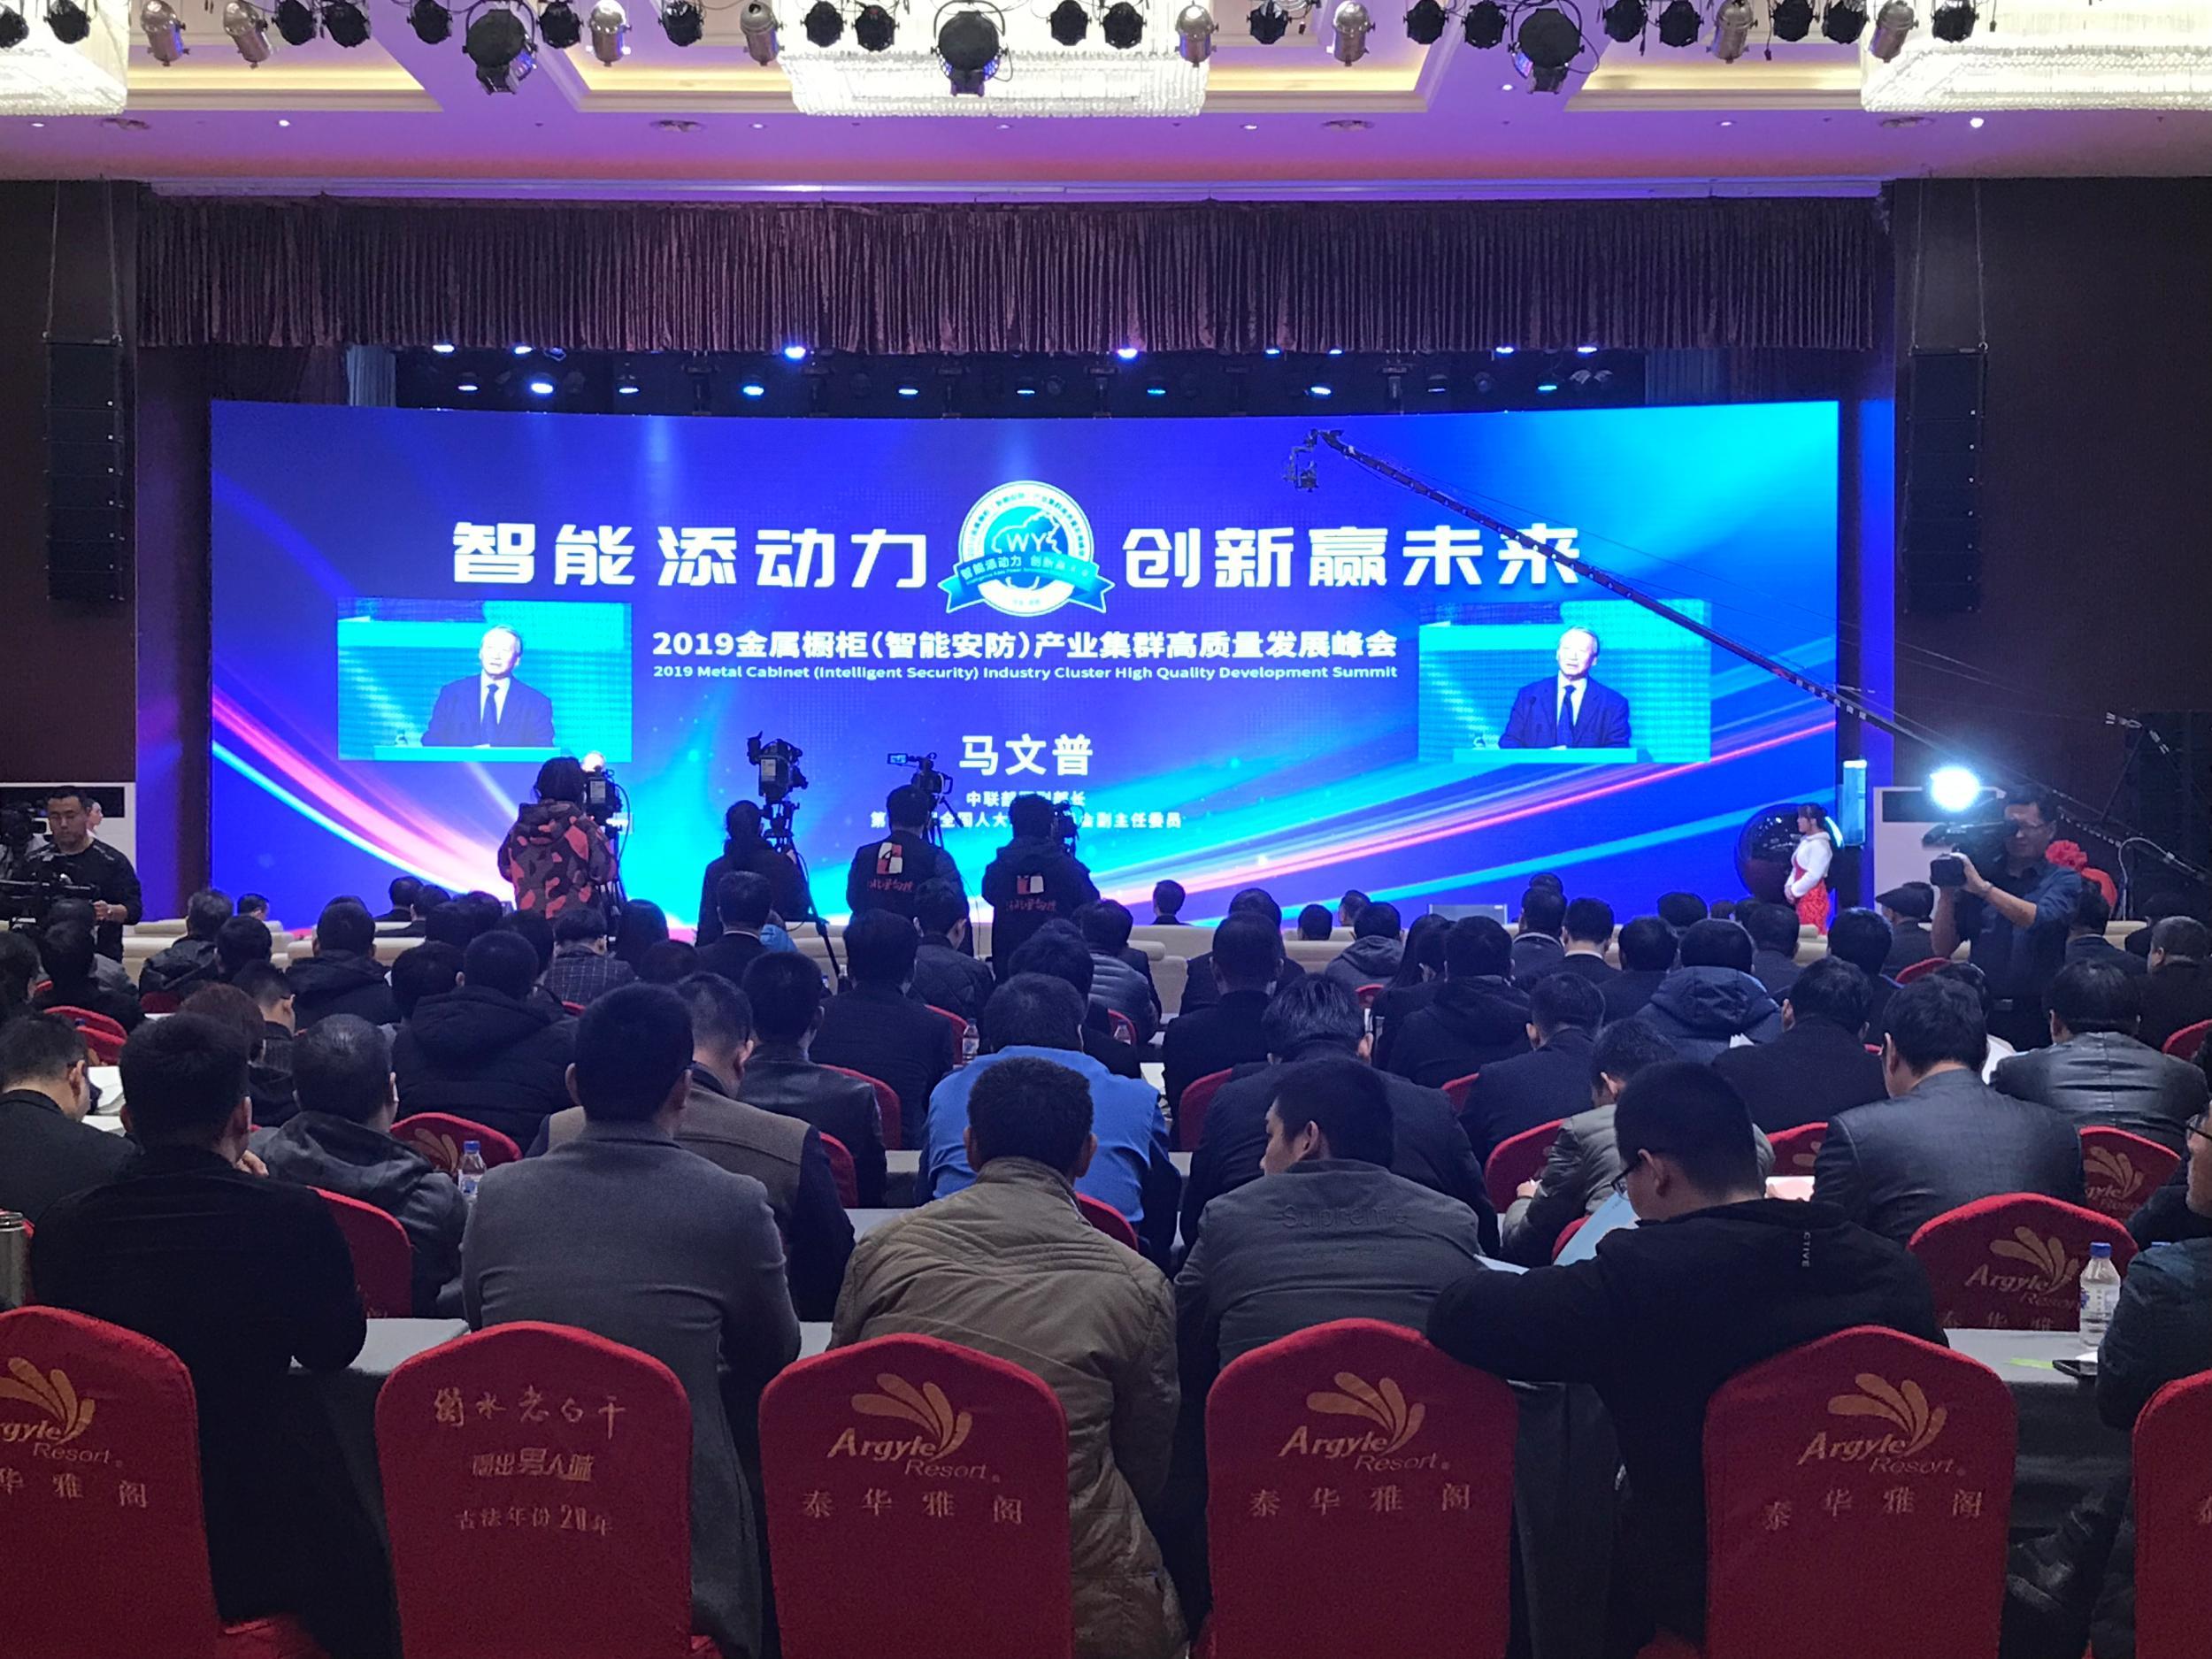 2019金属橱柜(智能安防)产业集群高质量发展峰会在衡水举行